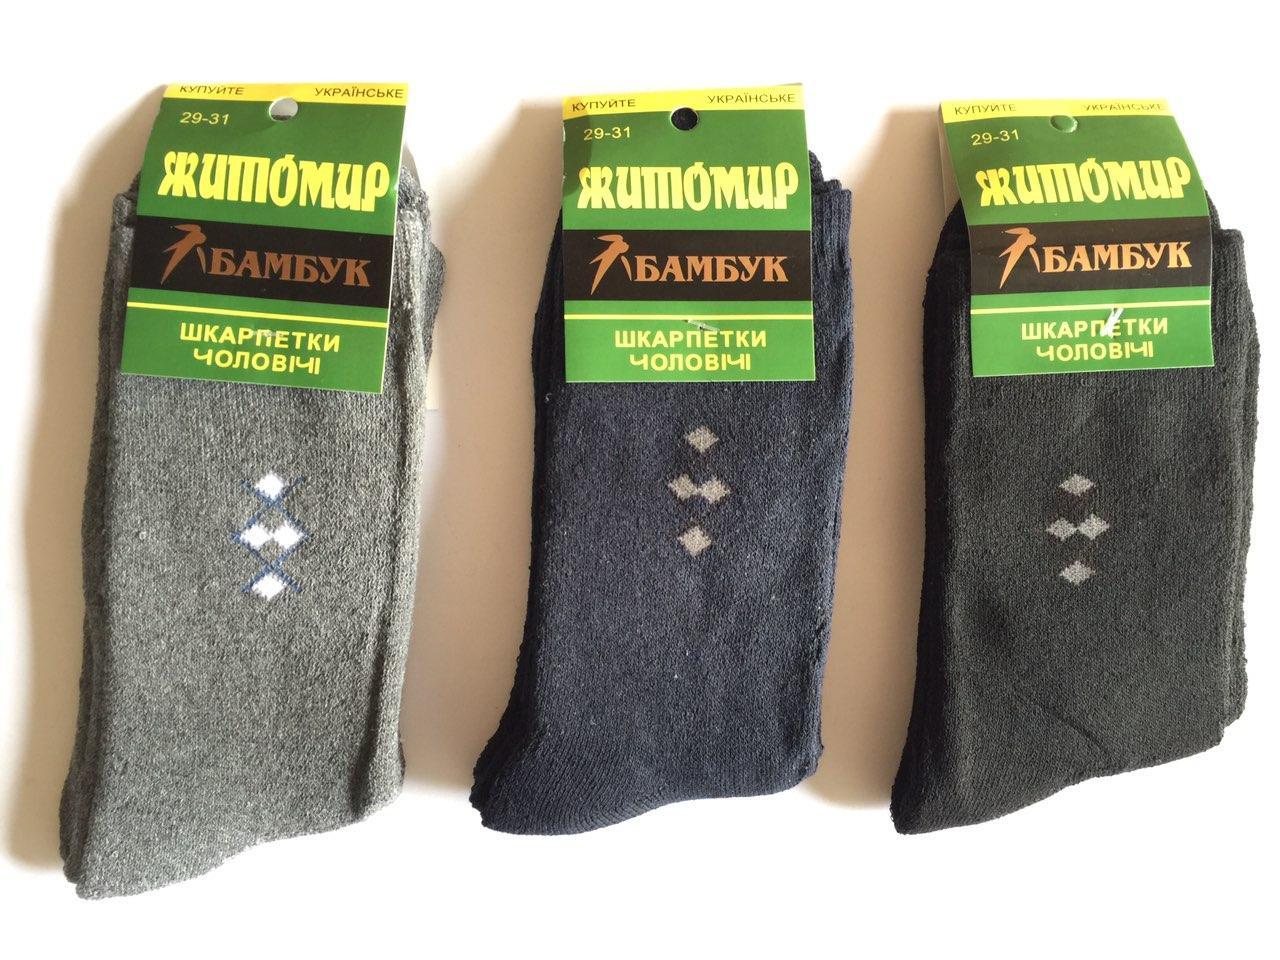 Мужские зимние носки махровые Житомир бамбук Р.р 41-47